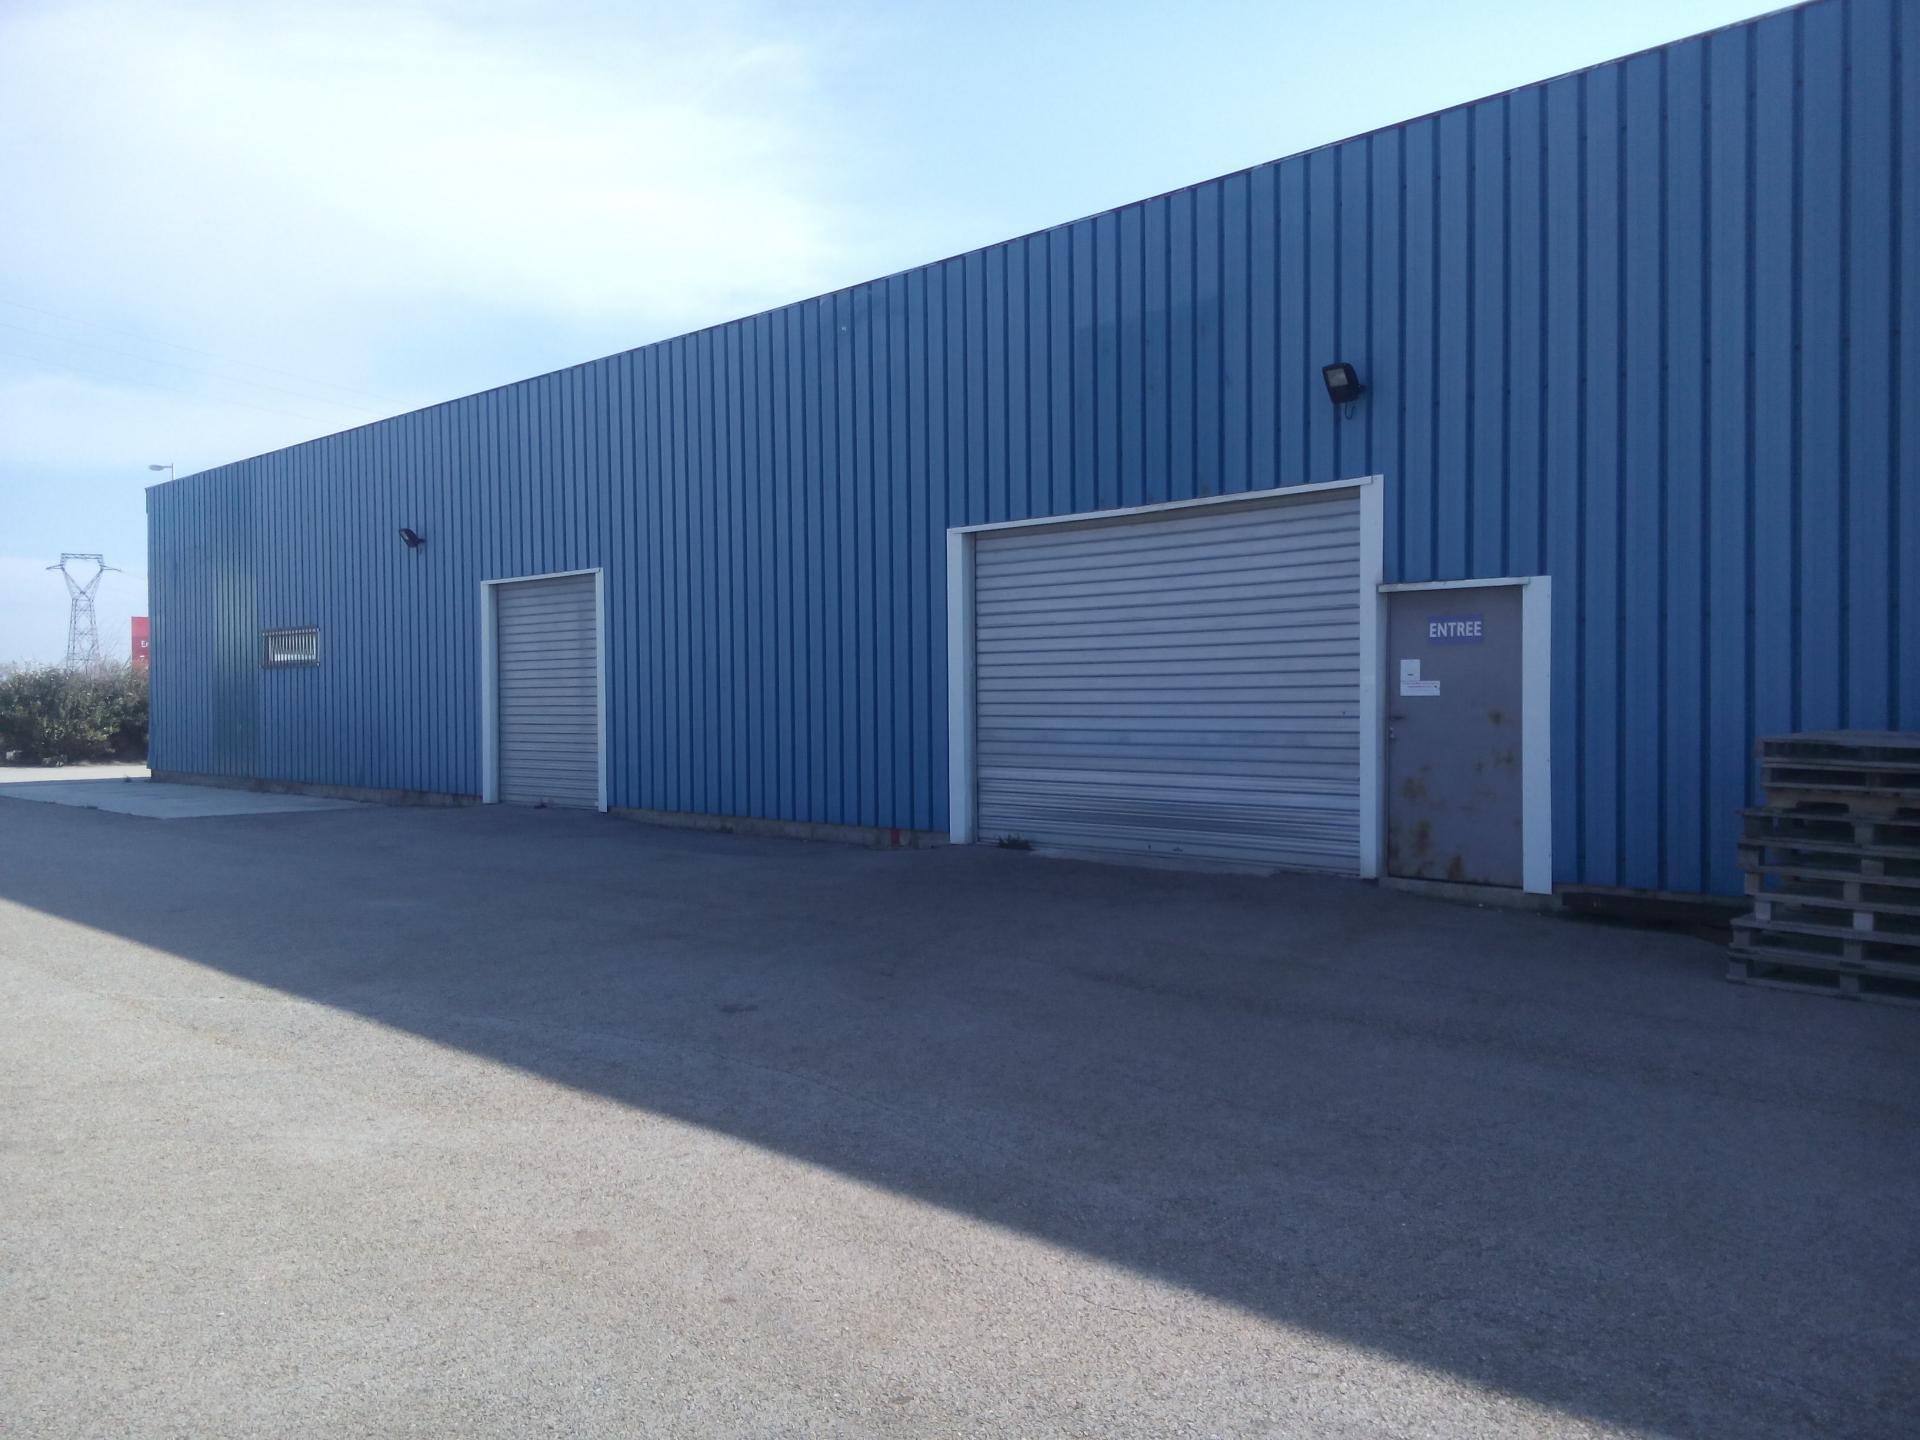 Prix exceptionnel de  286200€ dans la Zone Industrielle Domitia Sud de Beaucaire (30300) une superbe affaire !! 2000 m2 environ, local de plus de 500 m2